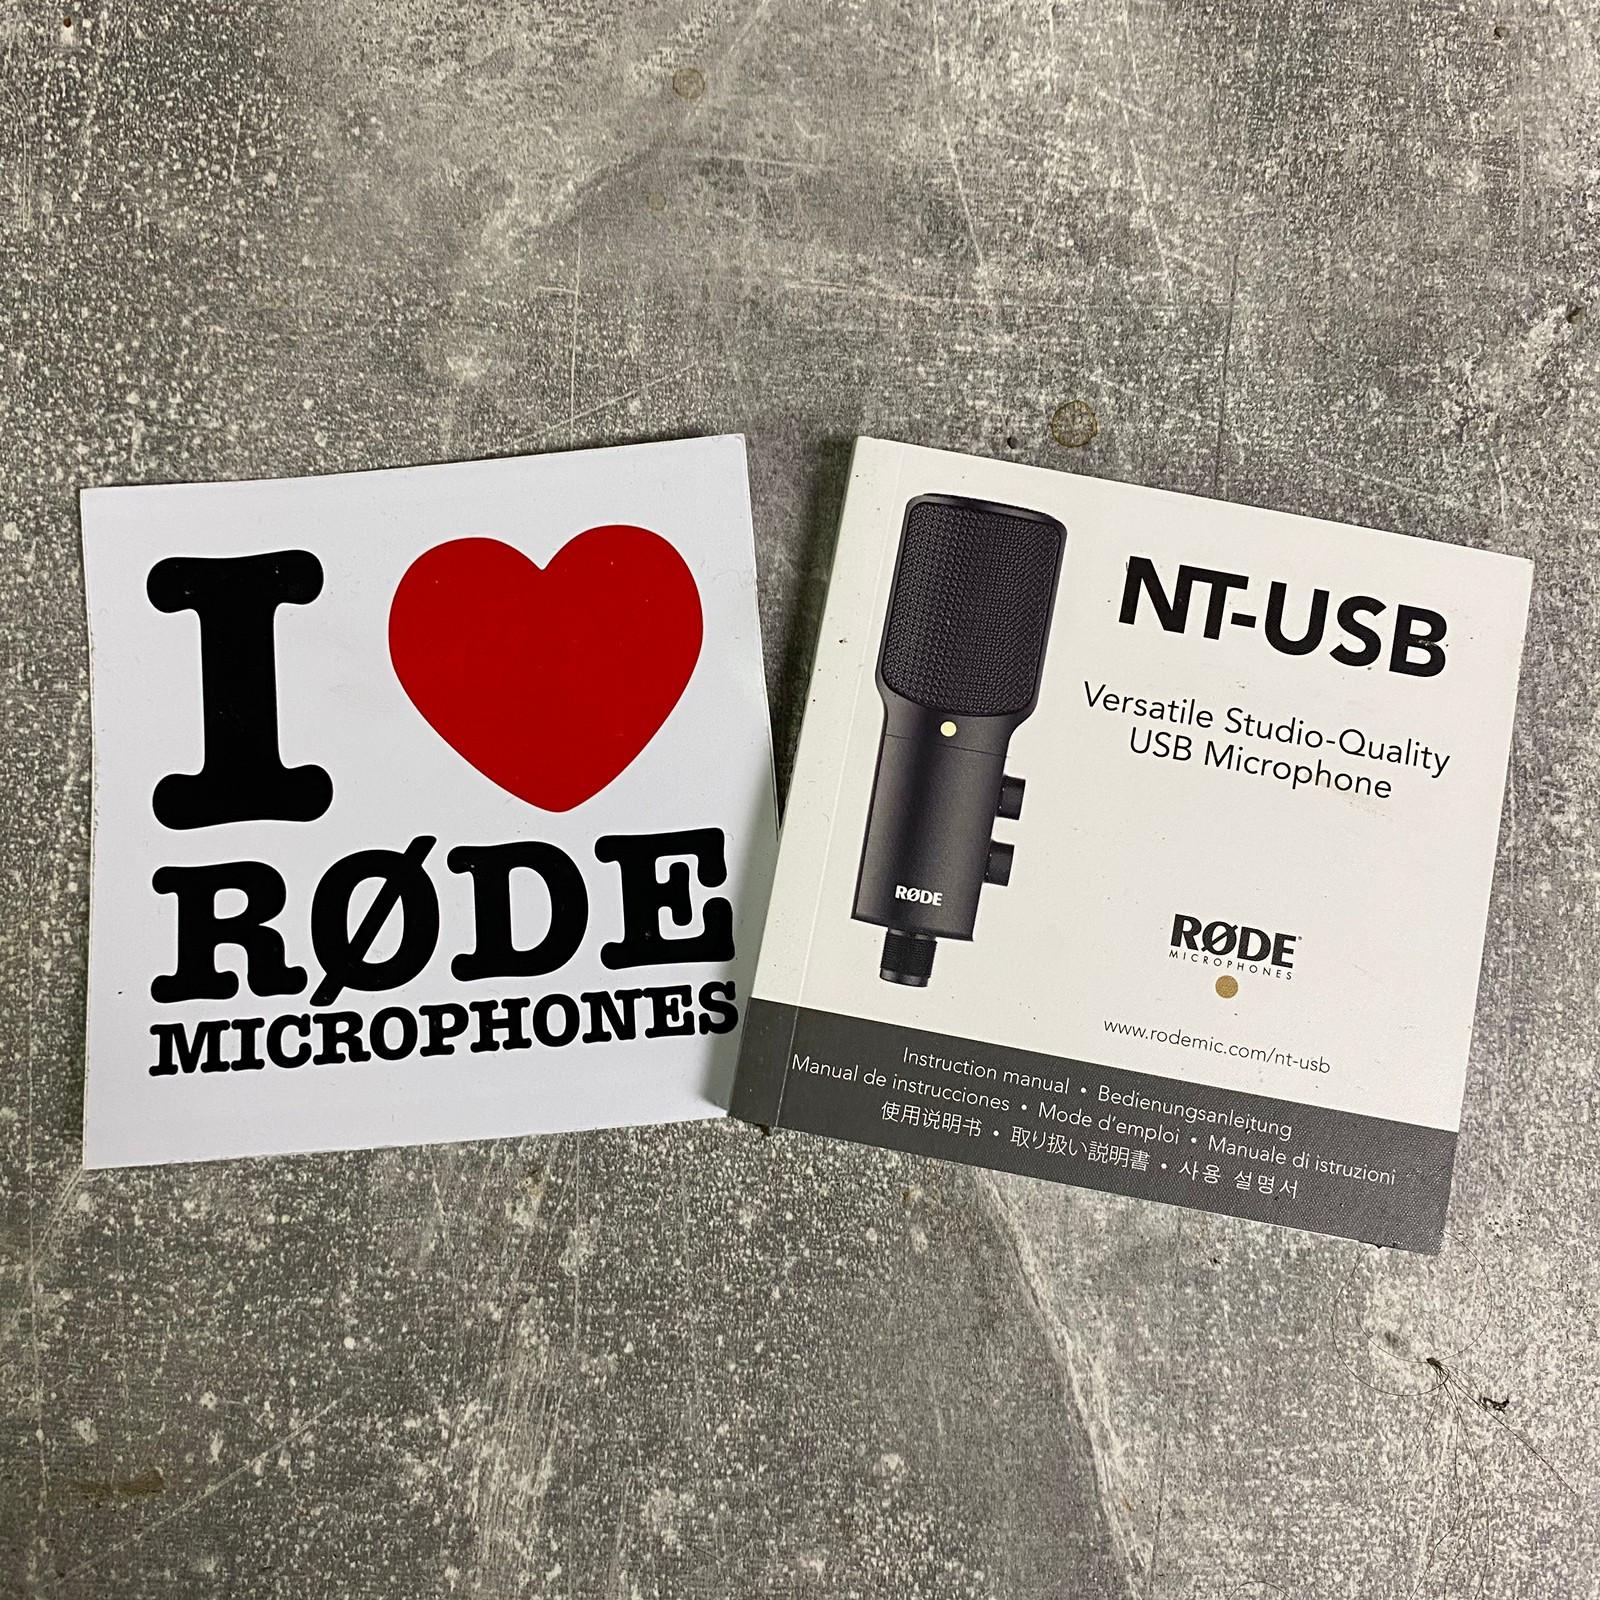 Ferdig podcastpakke 4 Røde USB NT (USB Hub, Headset, mm